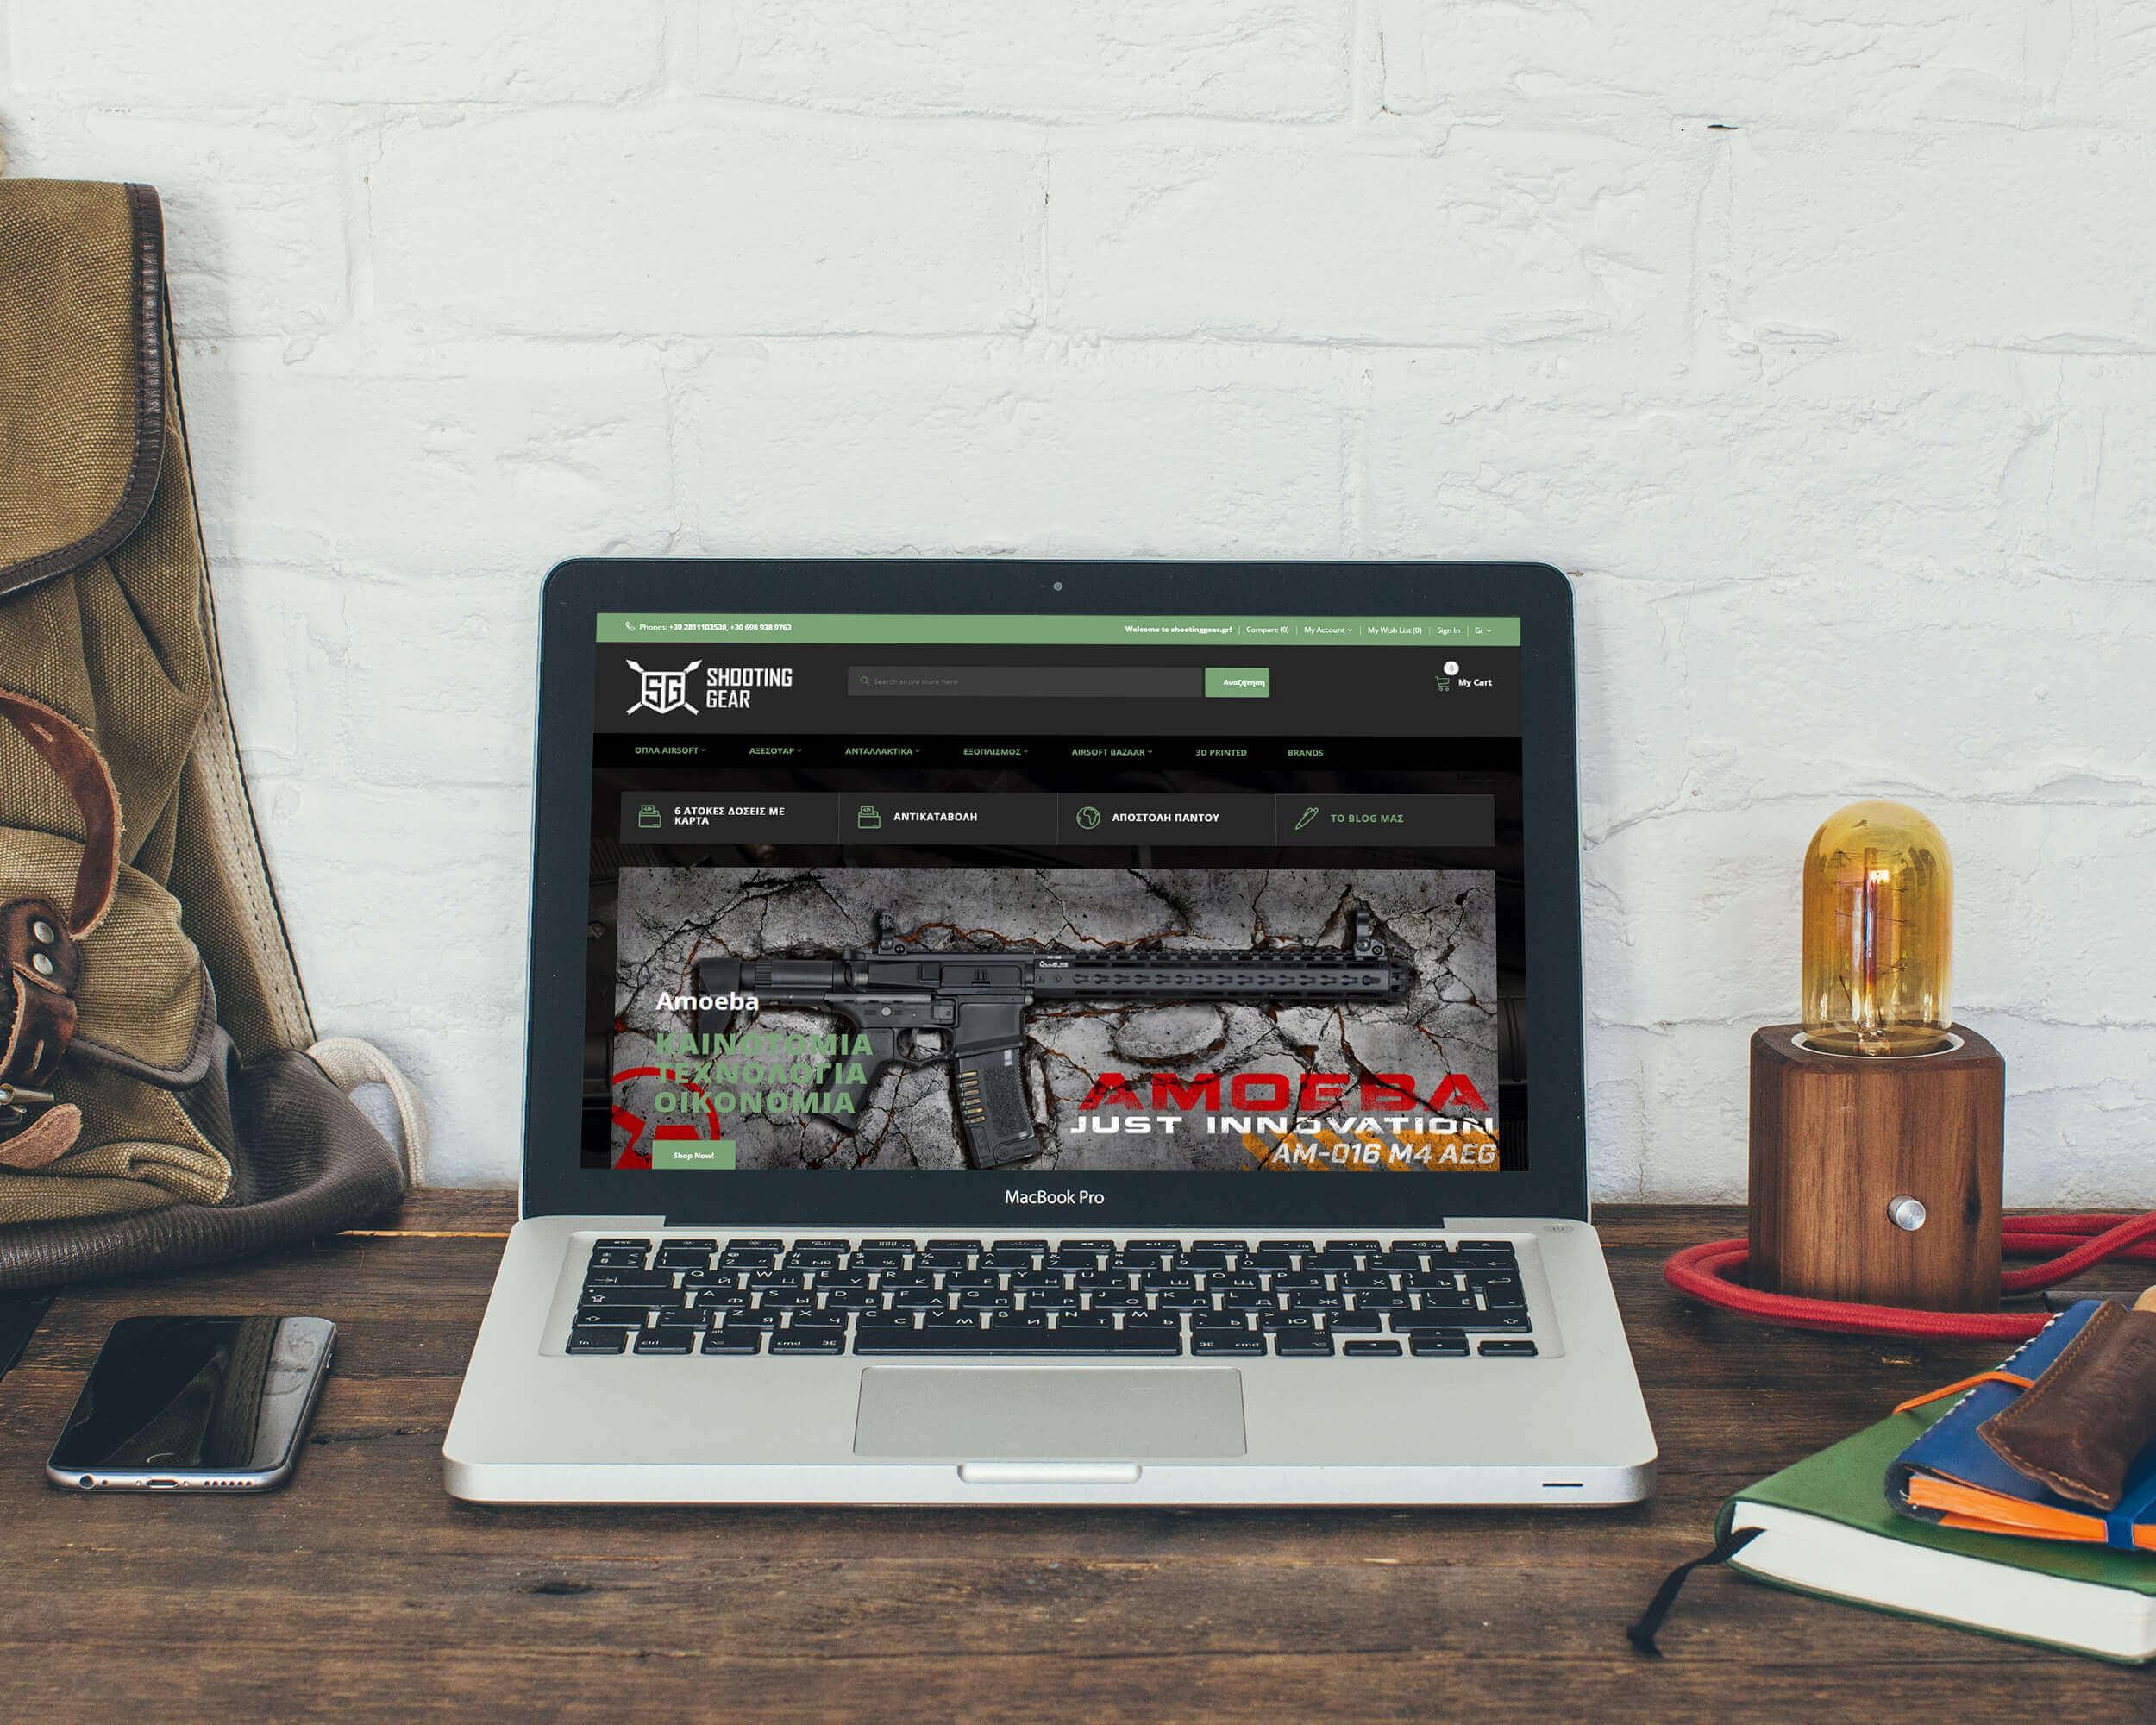 Κατασκευή του ηλεκτρονικού καταστήματος shootinggear.gr από την Force Web